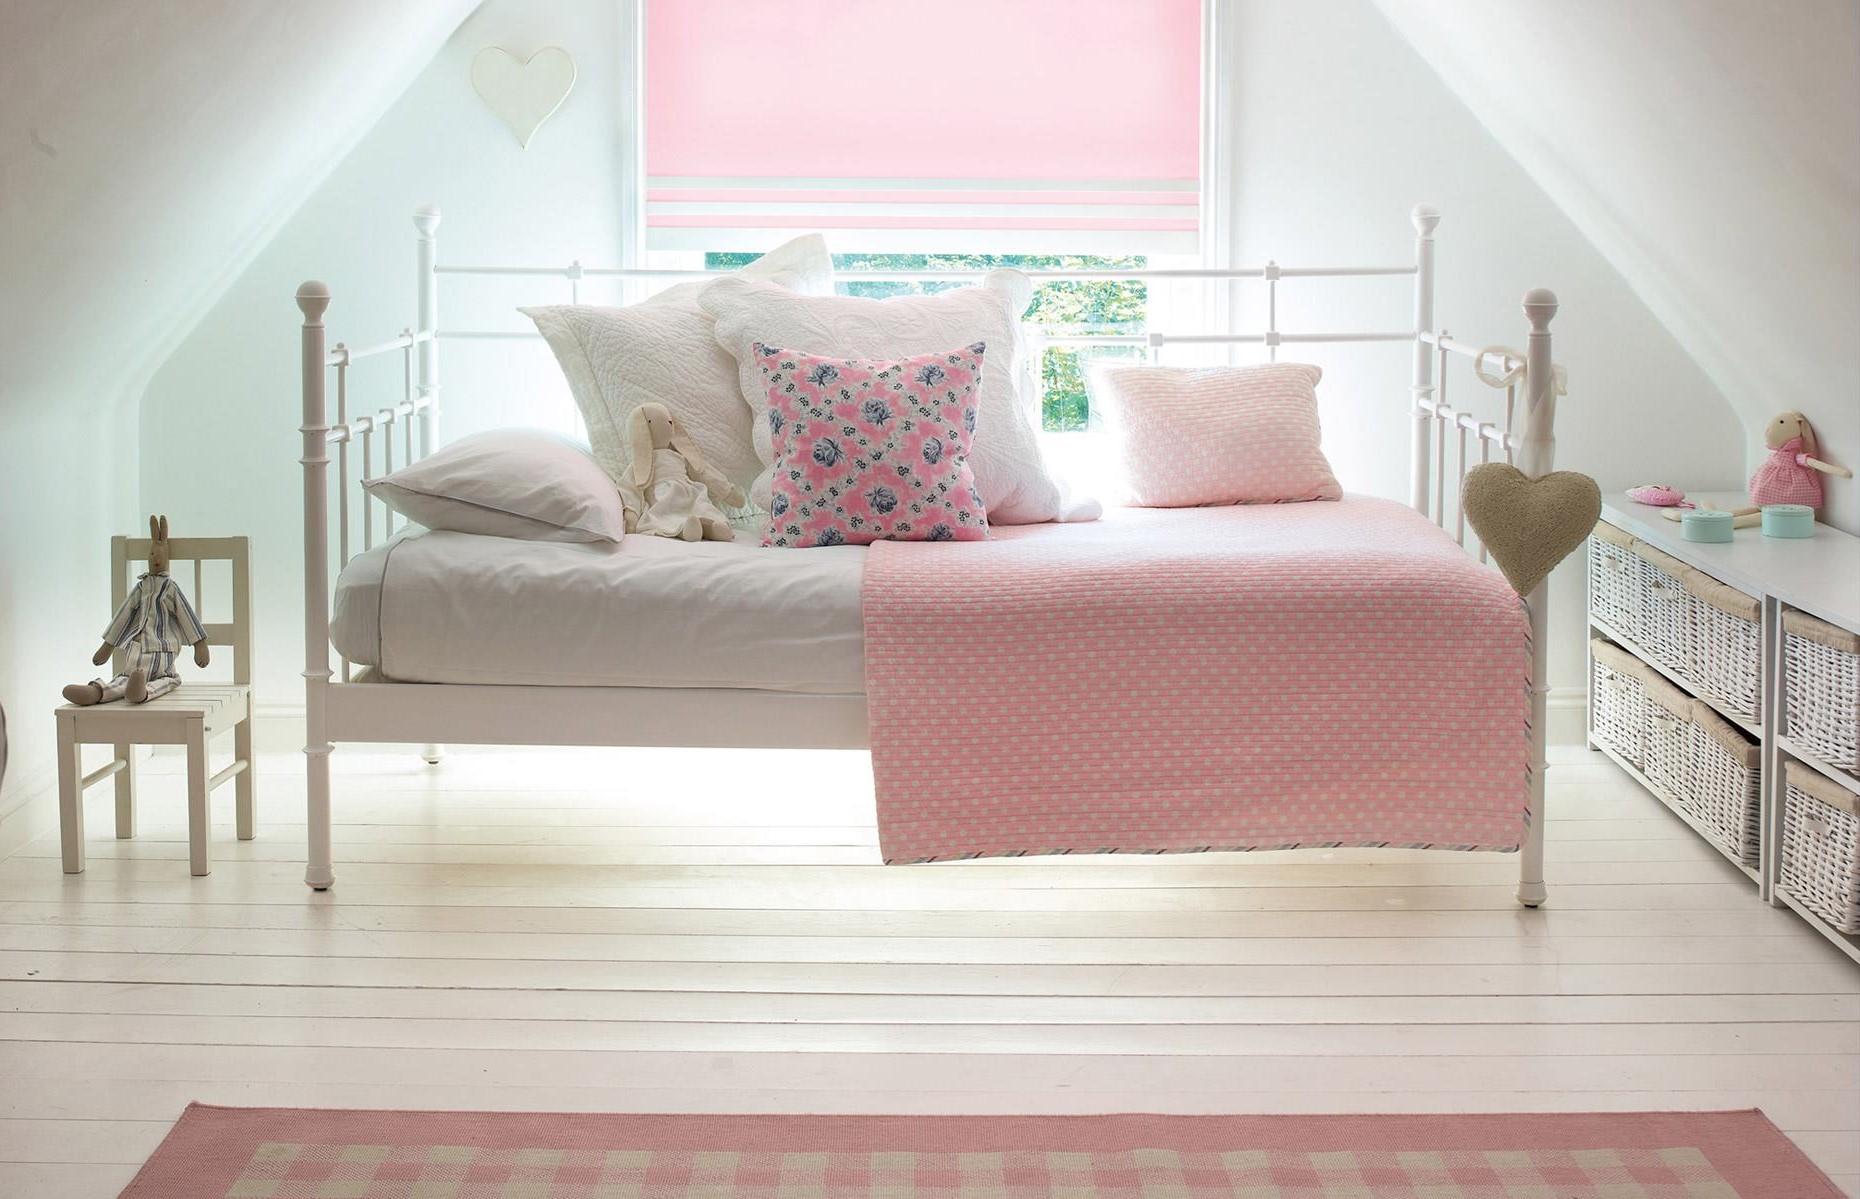 Complétez la pièce avec un cadre de lit en métal de style industriel et réutilisez une chaise inutilisée pour en faire une table d'appoint.